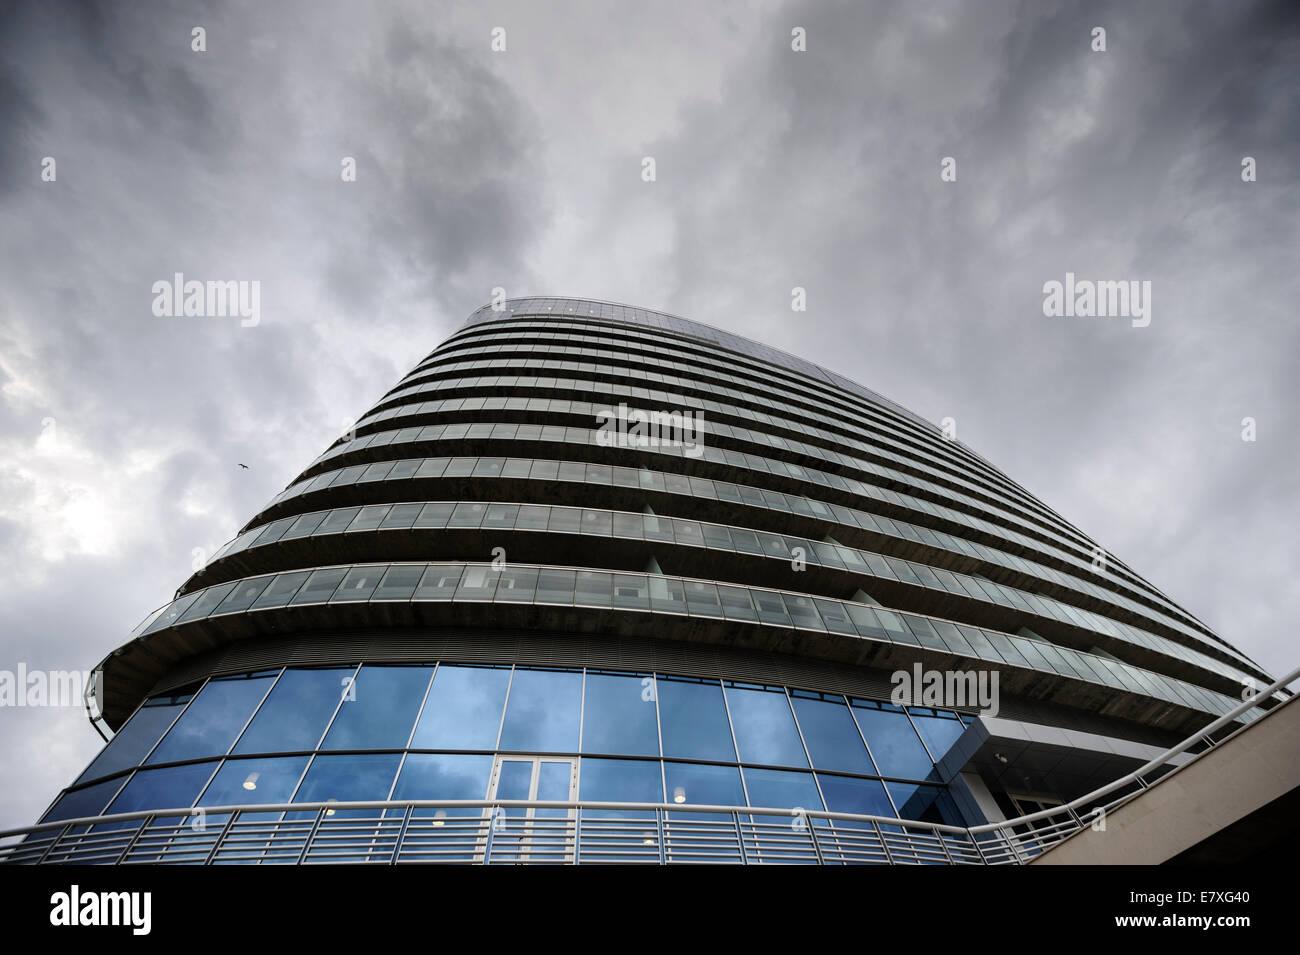 Edificio con architettura moderna e vetro curvo balconi foto